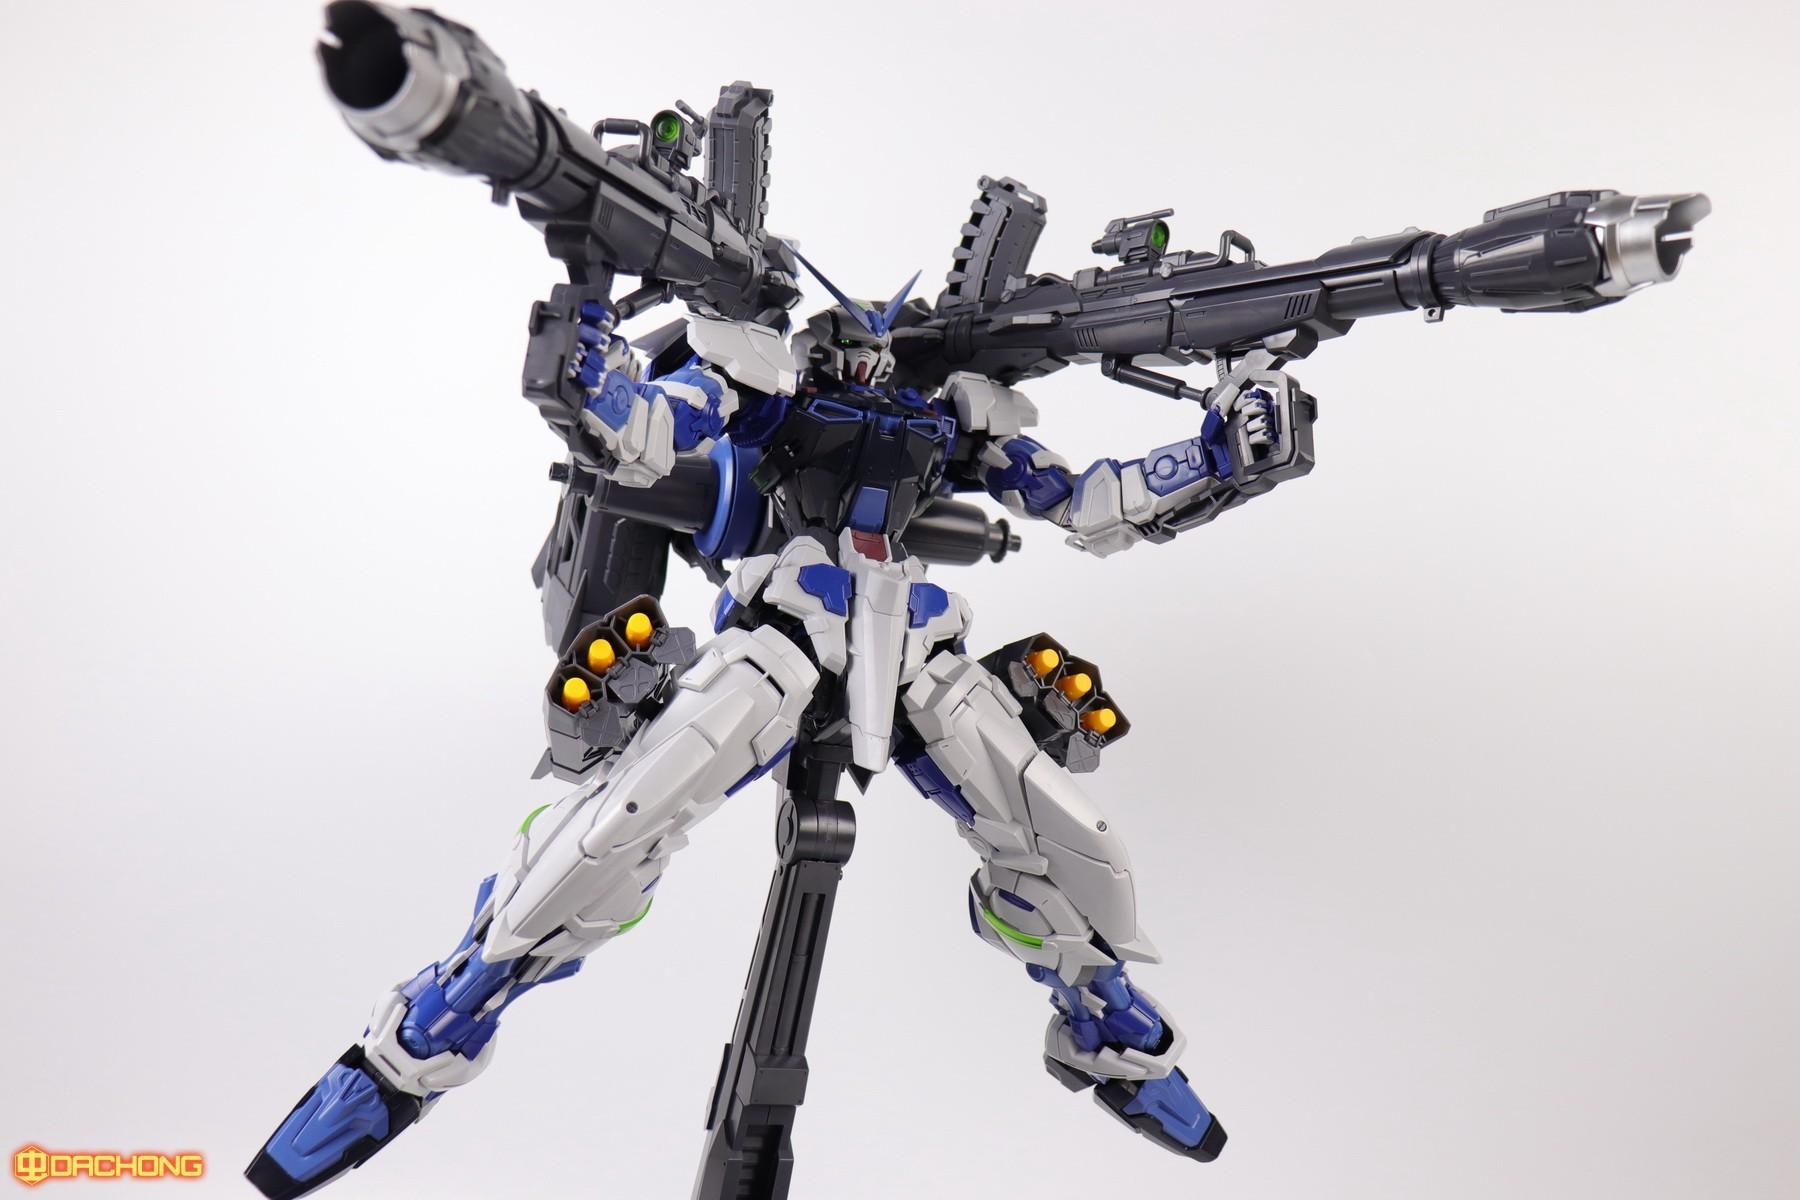 S306_blue_frame_astray_60_095.jpg